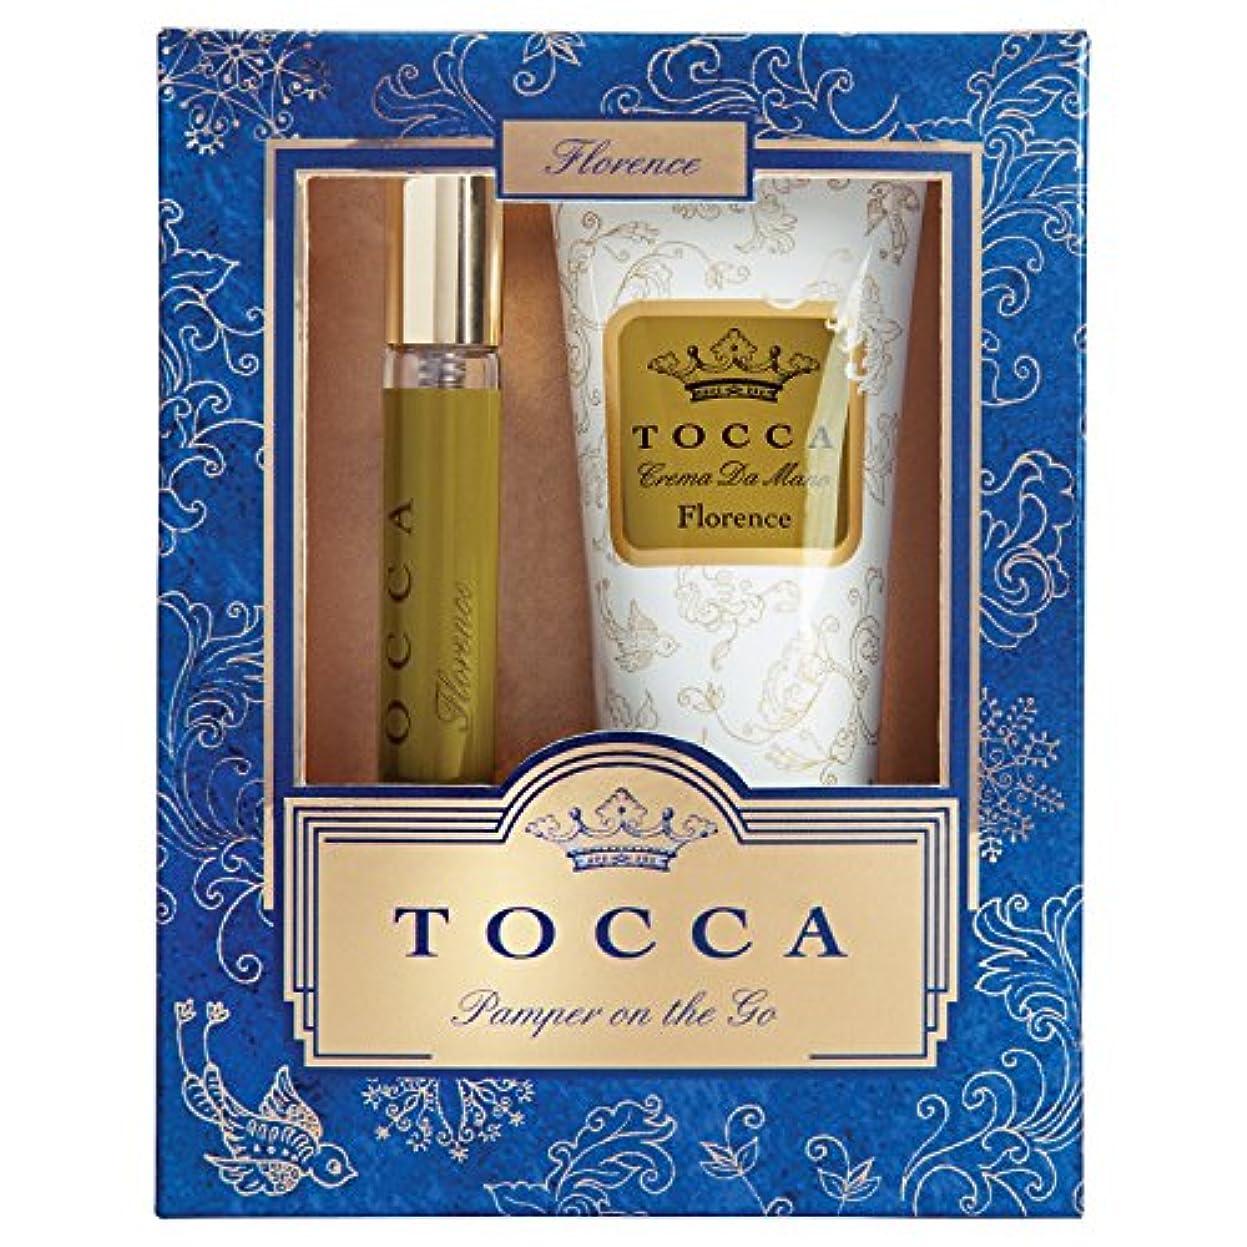 クリアタッチ支出トッカ(TOCCA) トラベルパンパーセットギルディッド フローレンスの香り (ハンドクリーム&香水、限定コフレ)